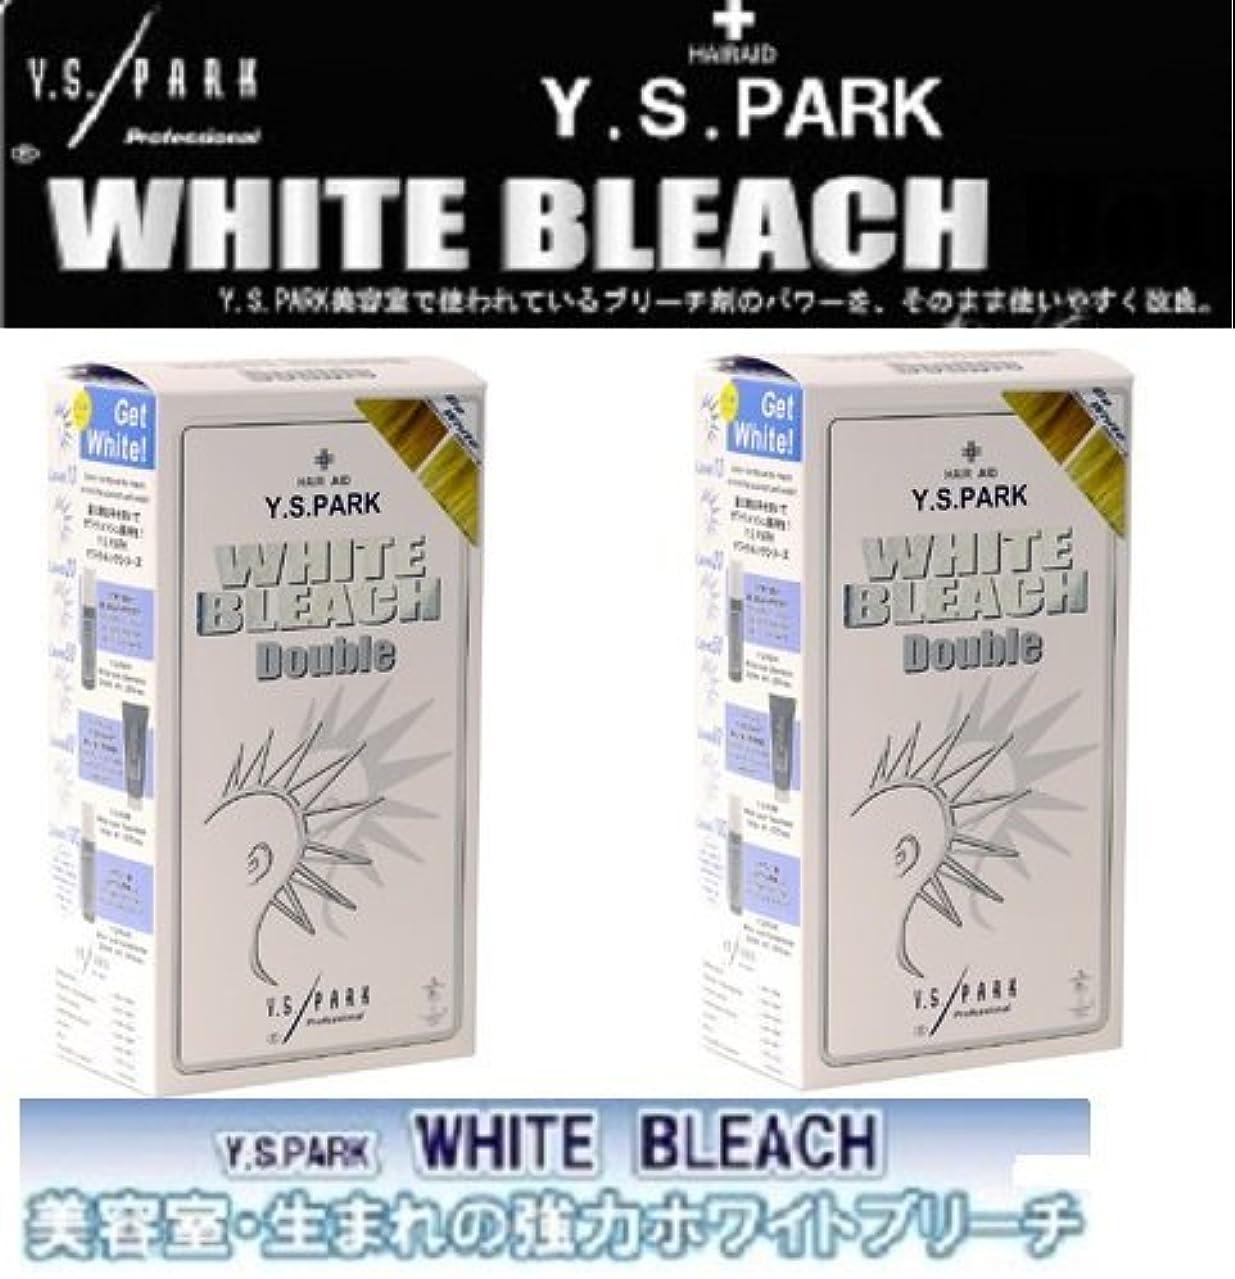 戦いバッジ魔術Y.S.パーク ホワイトブリーチ ダブル60g(お得な2個組)美容室生まれの強力ホワイトブリーチ?強力ホワイトブリーチに大容量サイズが登場!